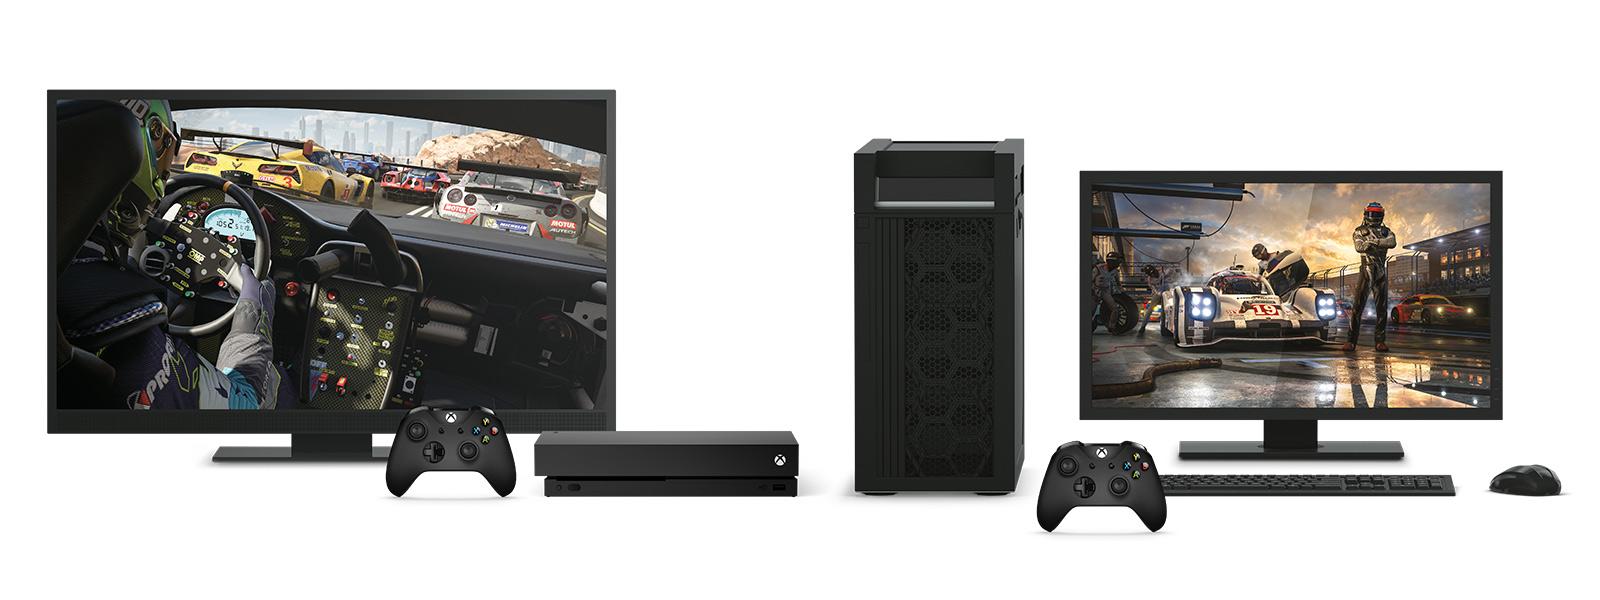 Xbox OneX et un appareil de bureau en 4K avec Forza Motorsport7 sur une télévision et un écran d'ordinateur